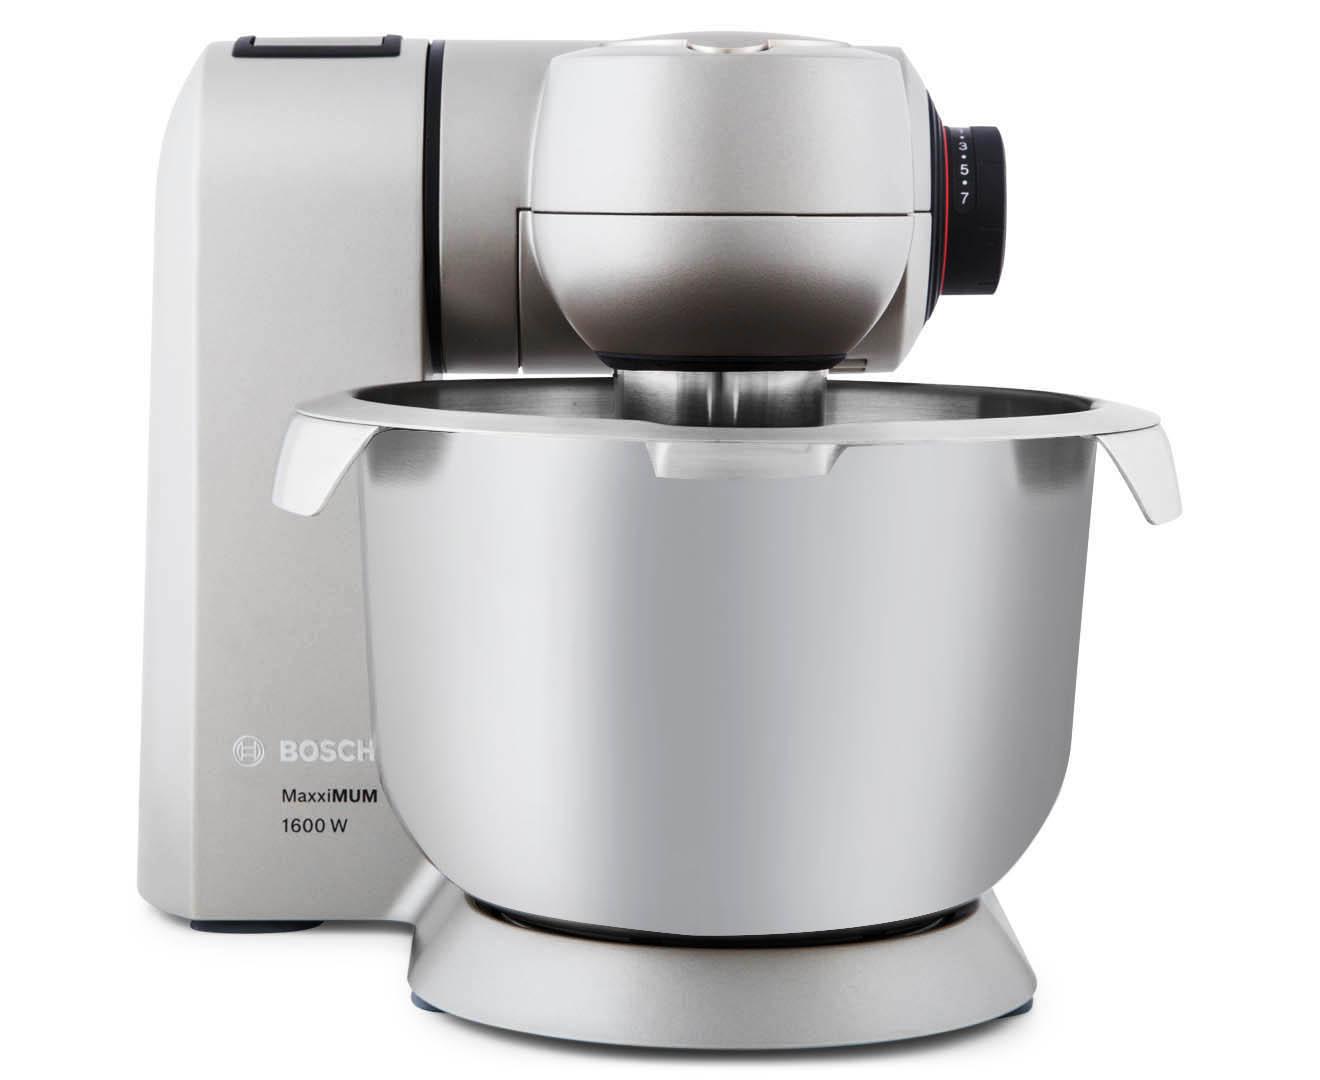 Bosch 1600w Maxximum Kitchen Machine